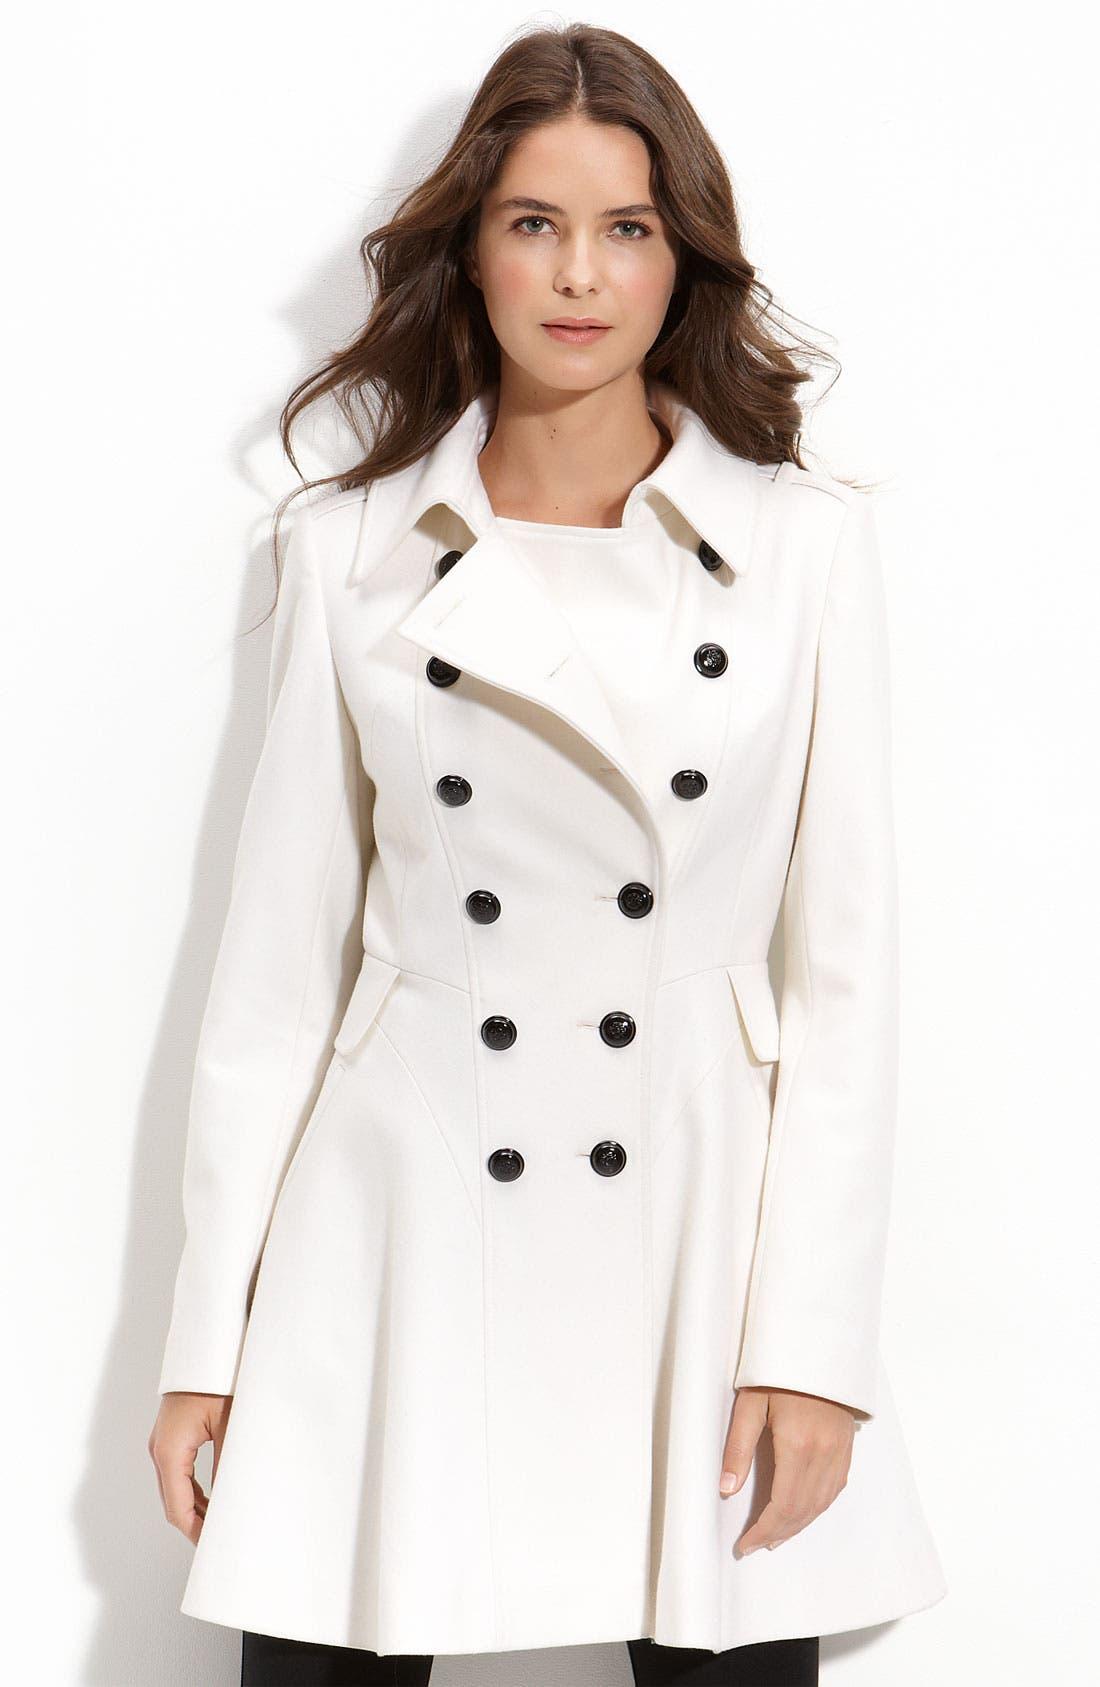 Main Image - Via Spiga 'Novara' Double Breasted Coat